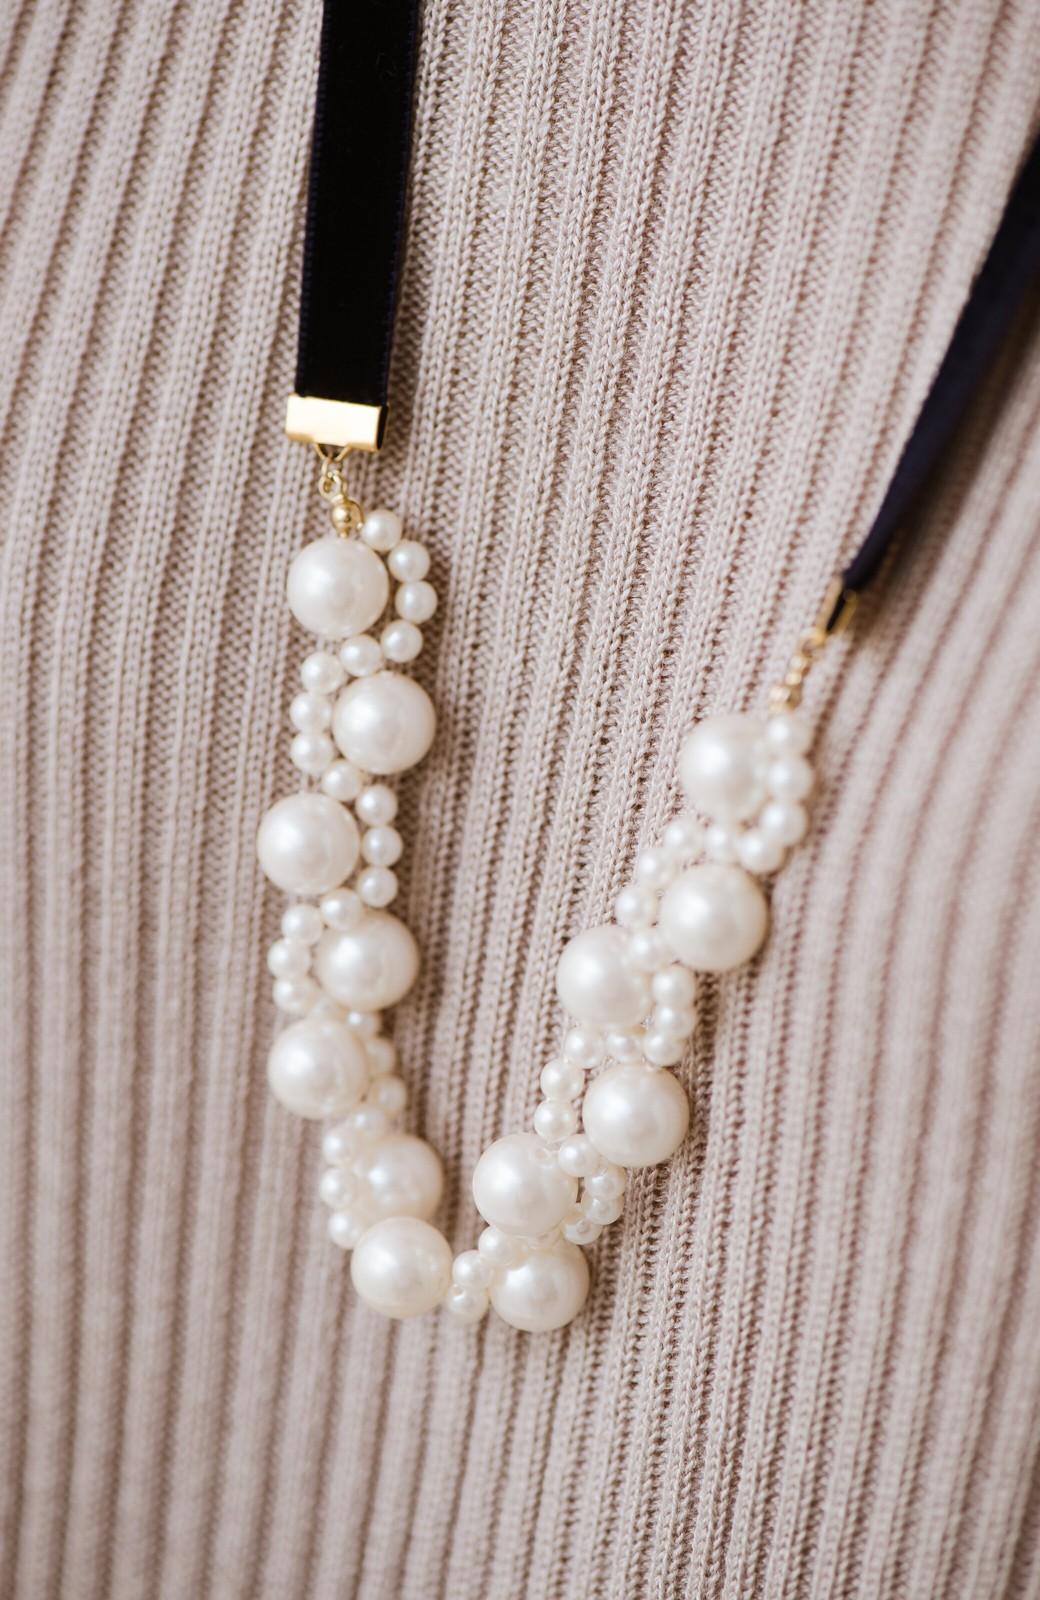 haco! ぱっとつけてぐっと華やぐ 結婚式にも便利なプラパールの編み込みネックレス <ネイビー>の商品写真12